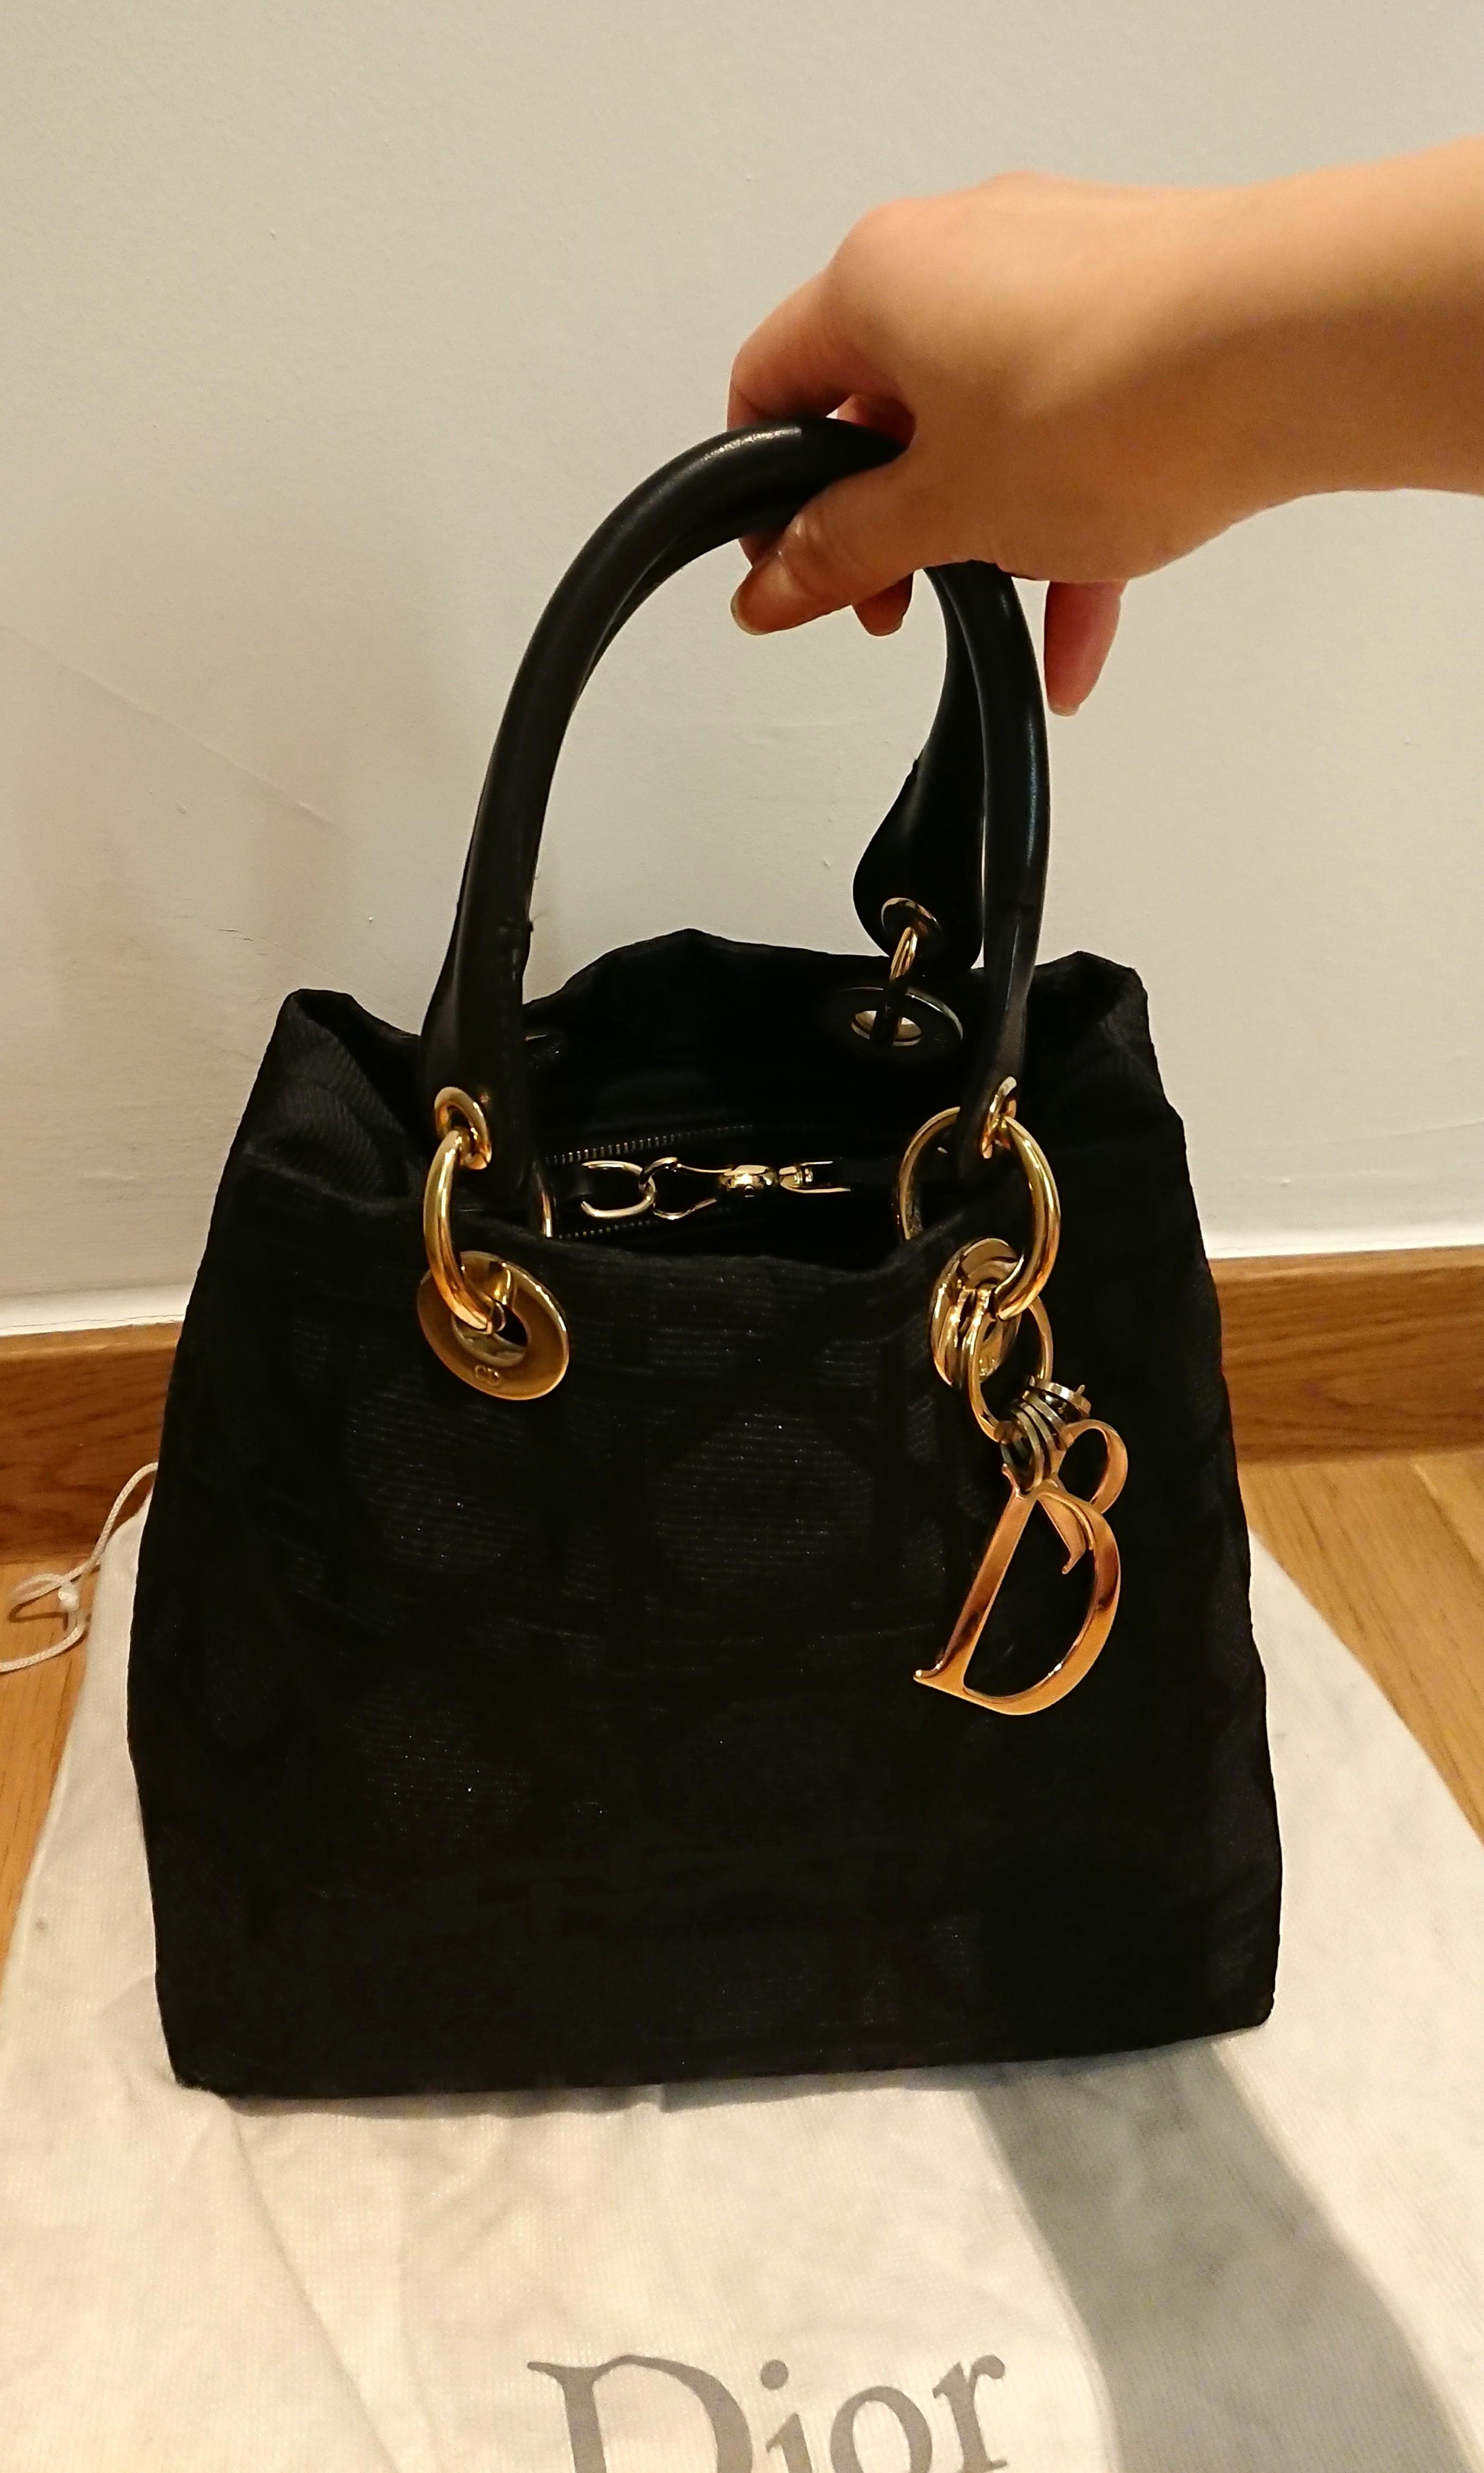 b12c9f0ff8fa Christian Dior Lady Dior handbag in Black canvas Cannage in Gold Hardware